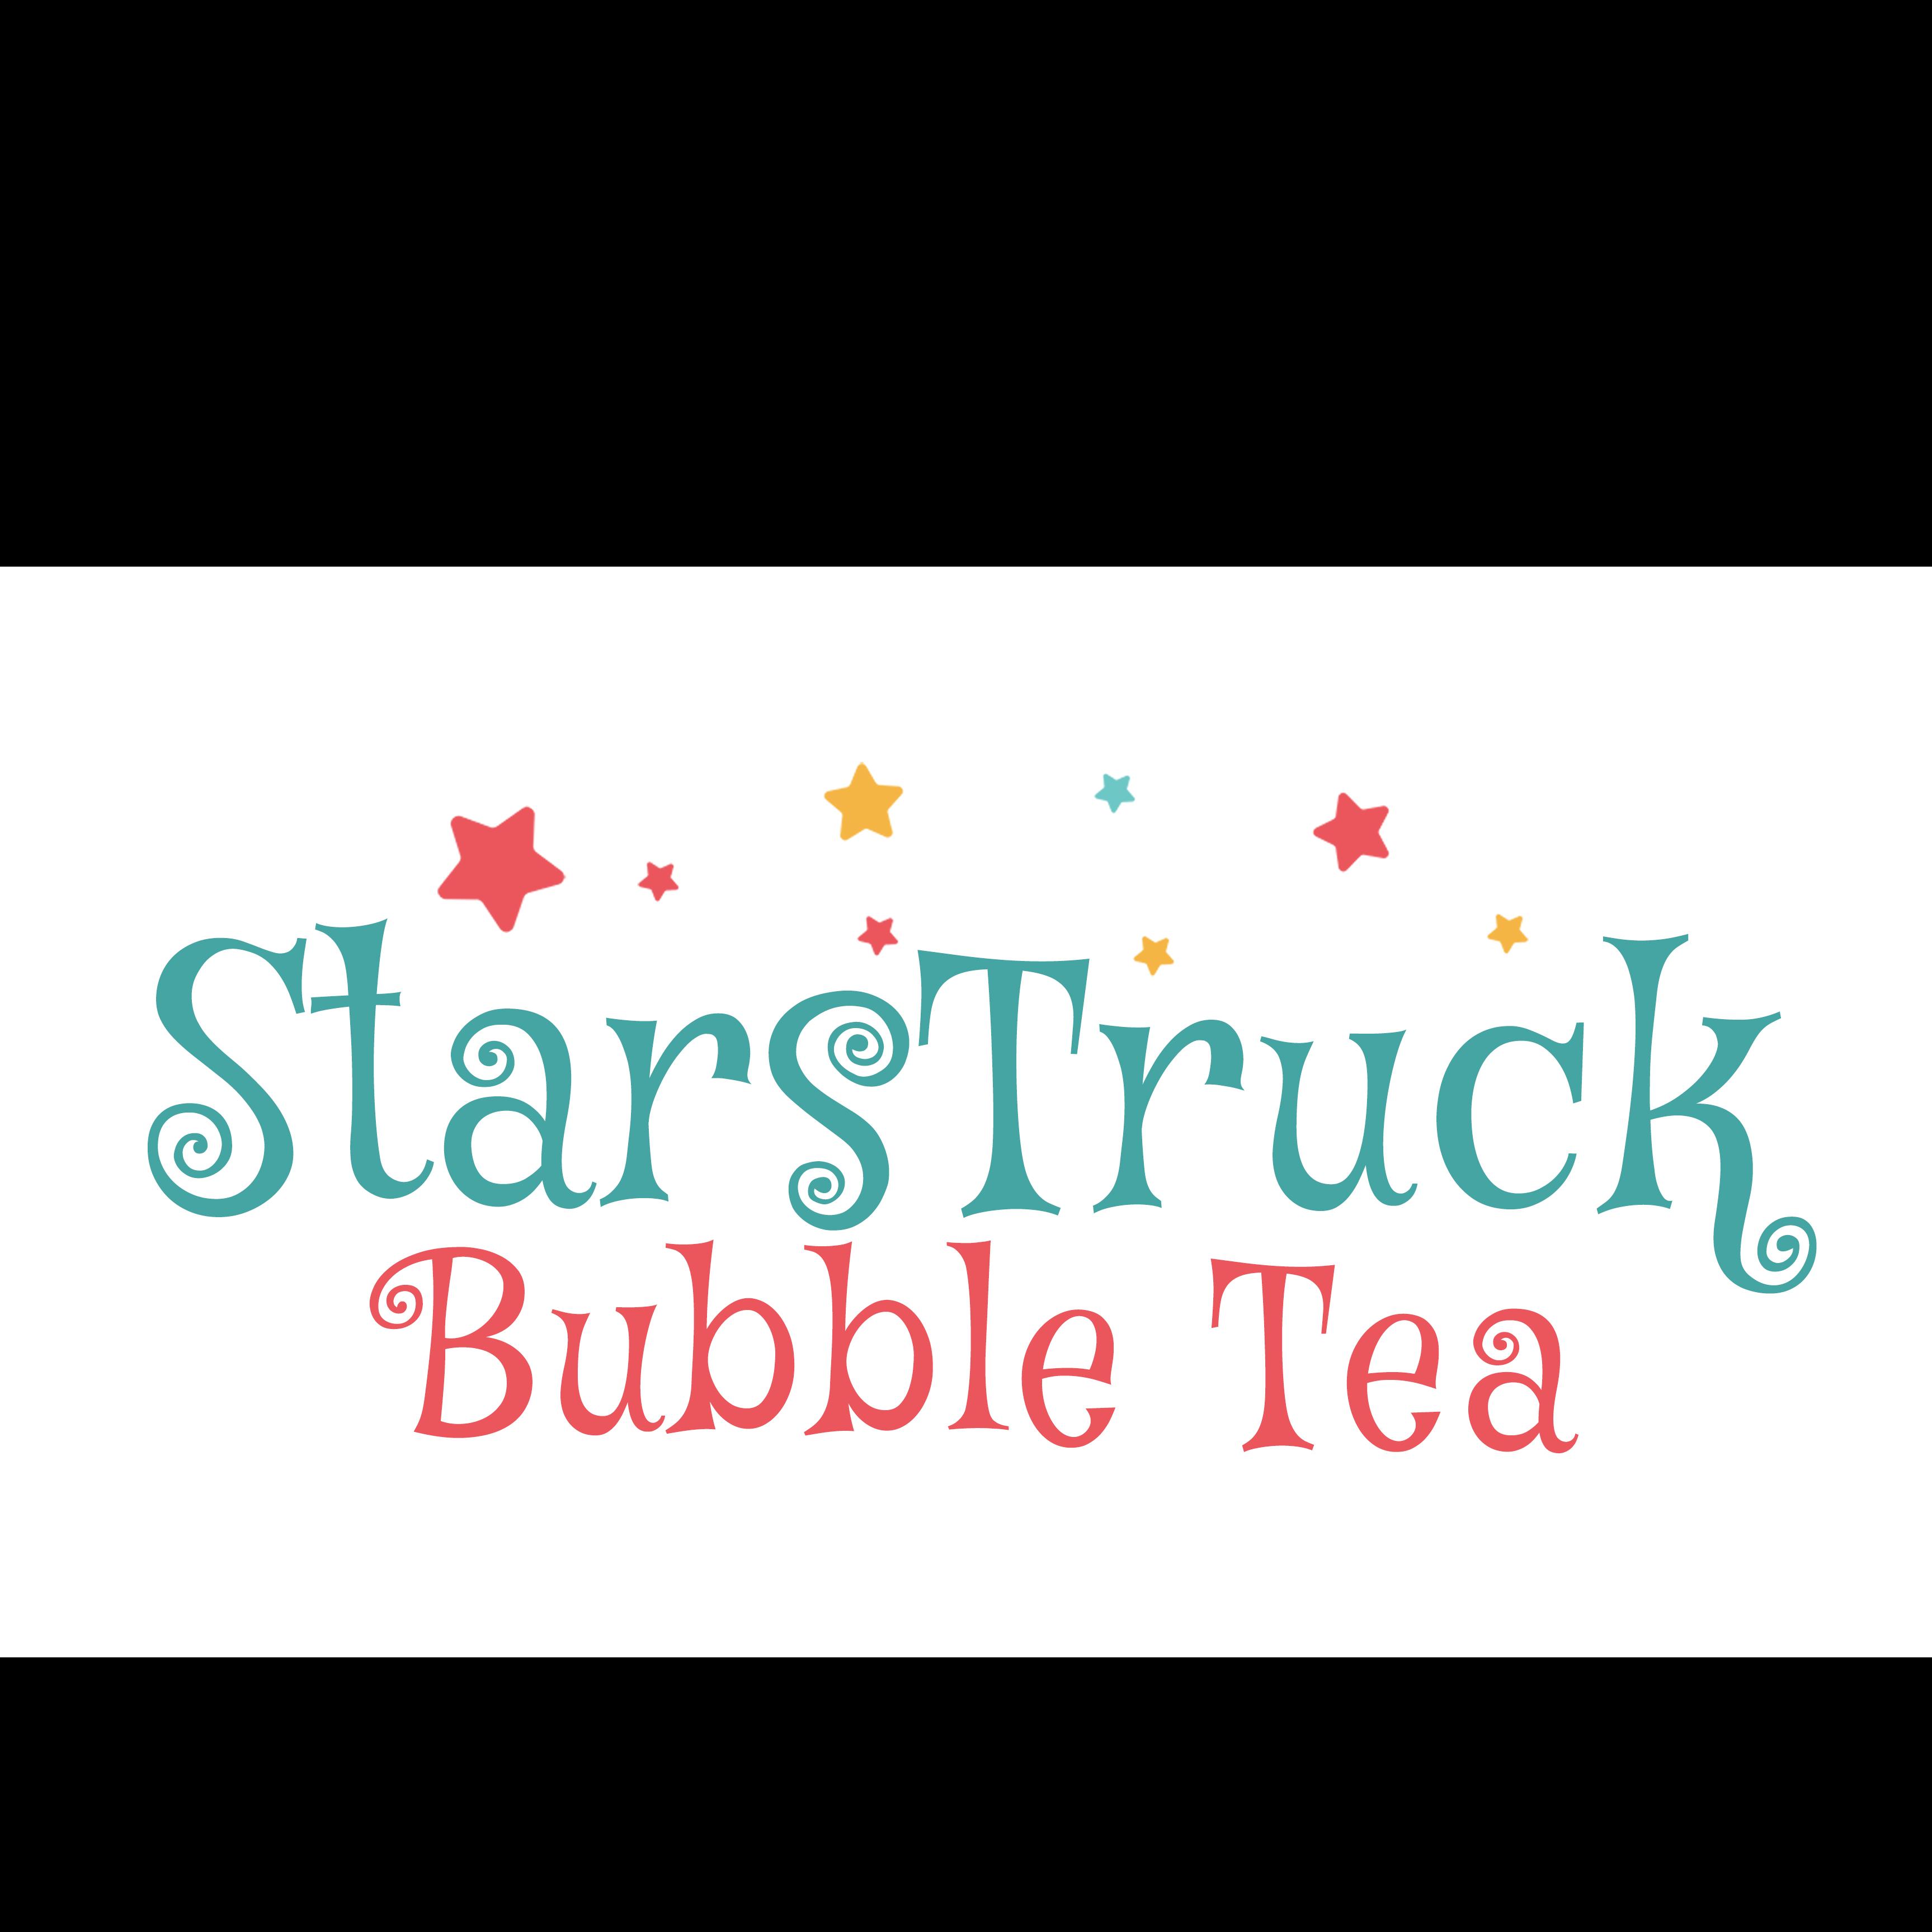 Starstruck Bubble Tea